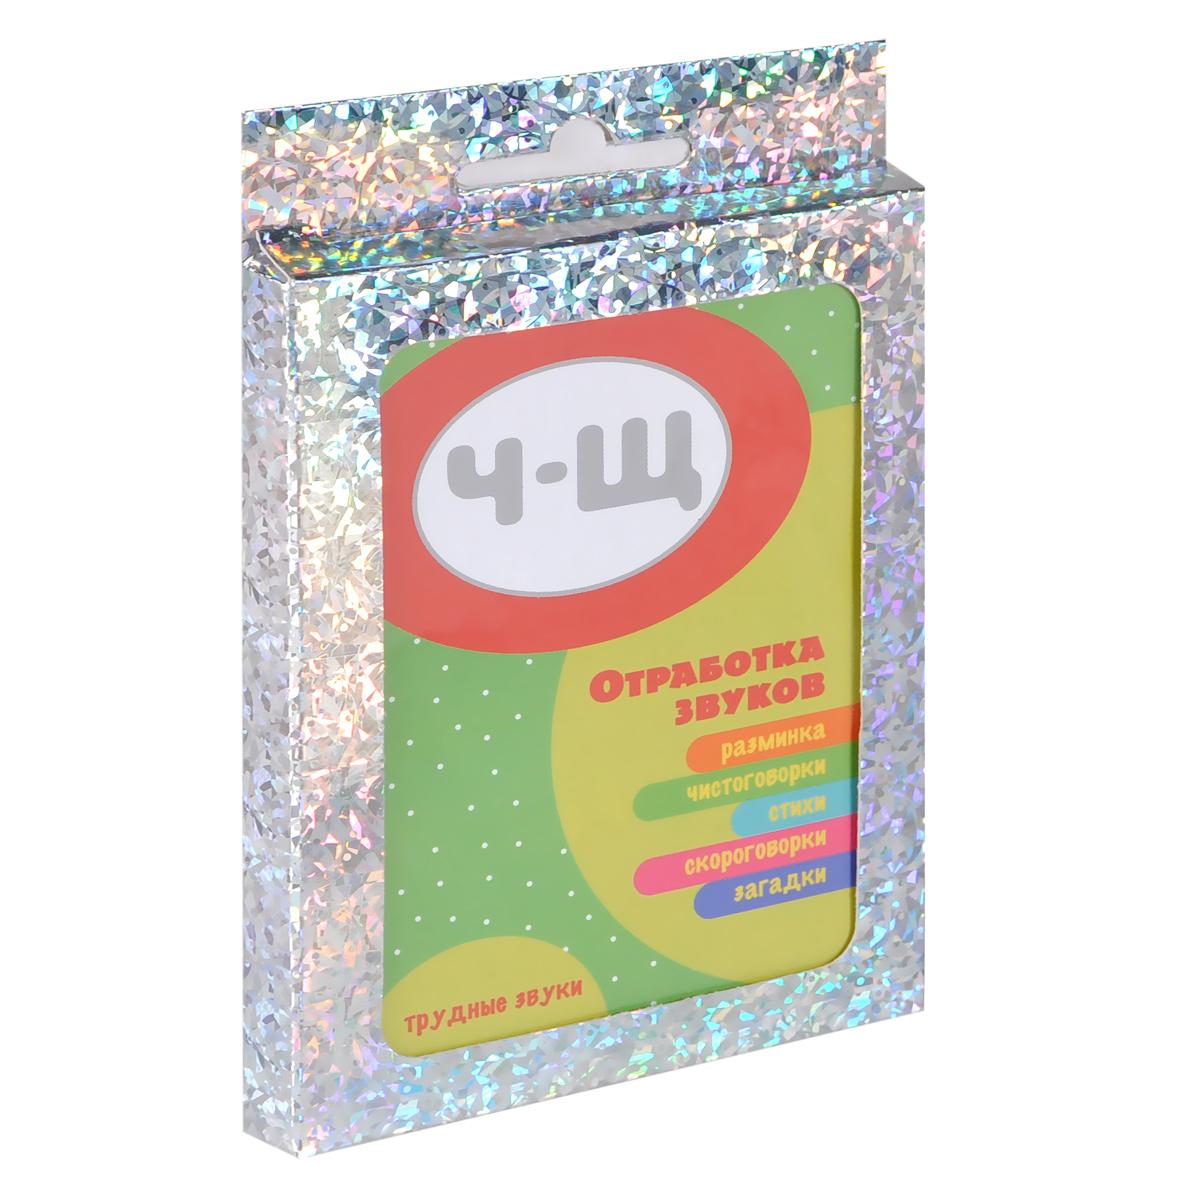 Отработка звуков Ч-Щ. Разминка, чистоговорки, стихи, скороговорки, загадки (набор из 32 карточек) чистоговорки и скороговорки с наклейками